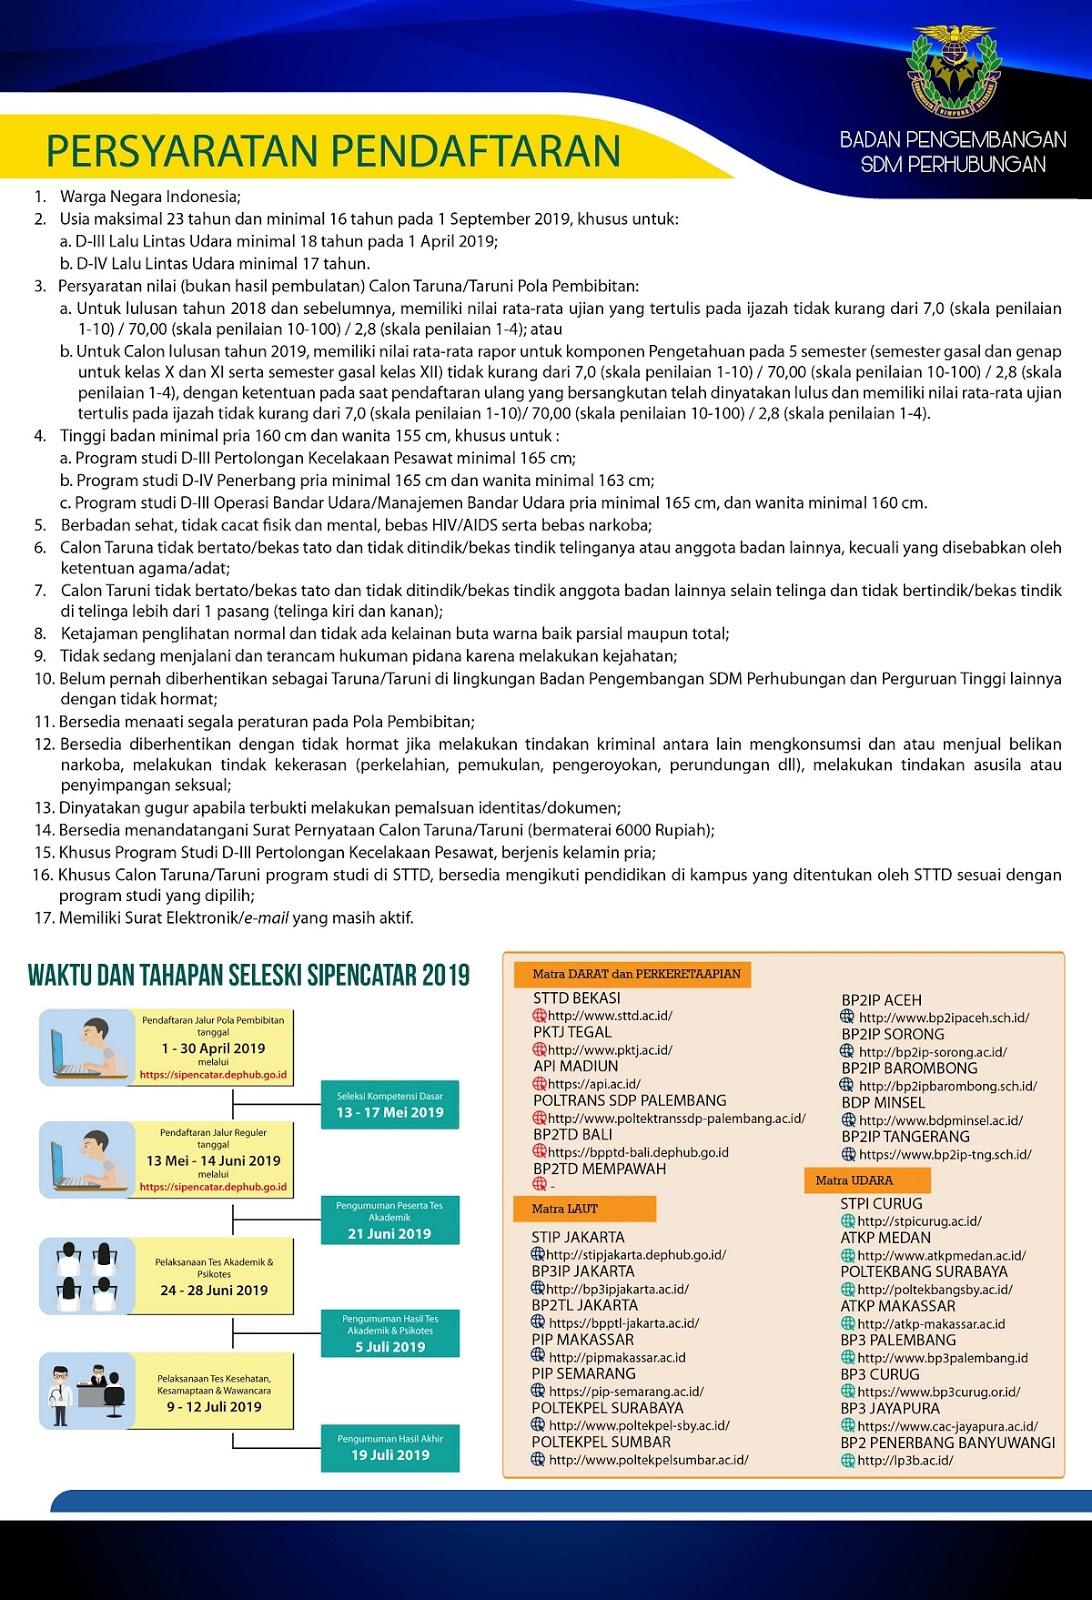 Pendaftaran Calon Taruna/Taruni Kementerian Perhubungan